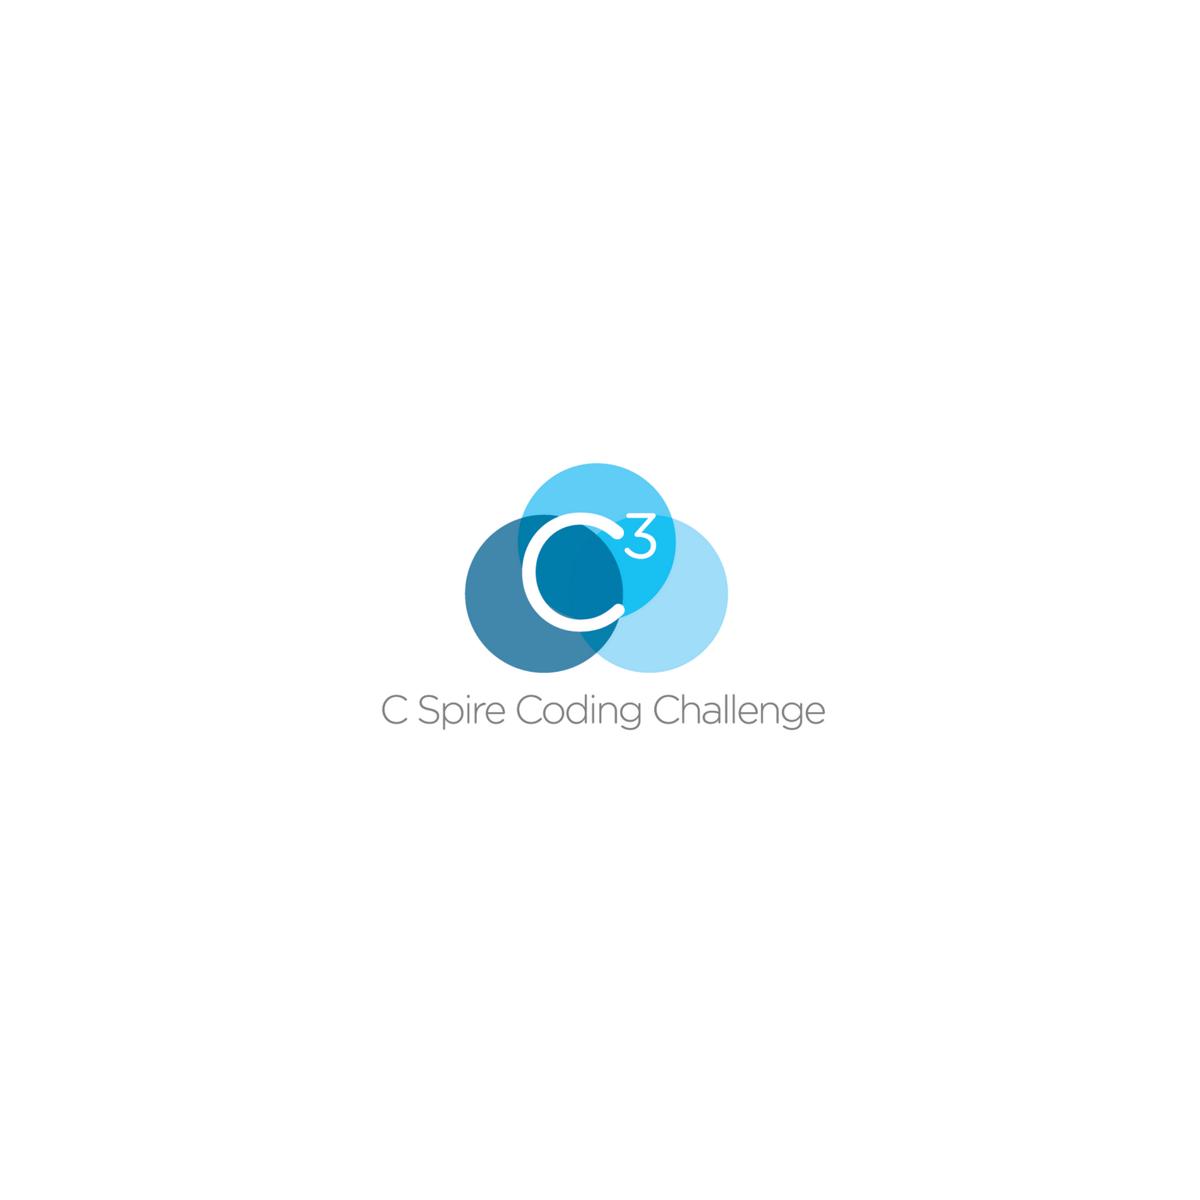 C Spire Coding Challenge (March 28, 2018)